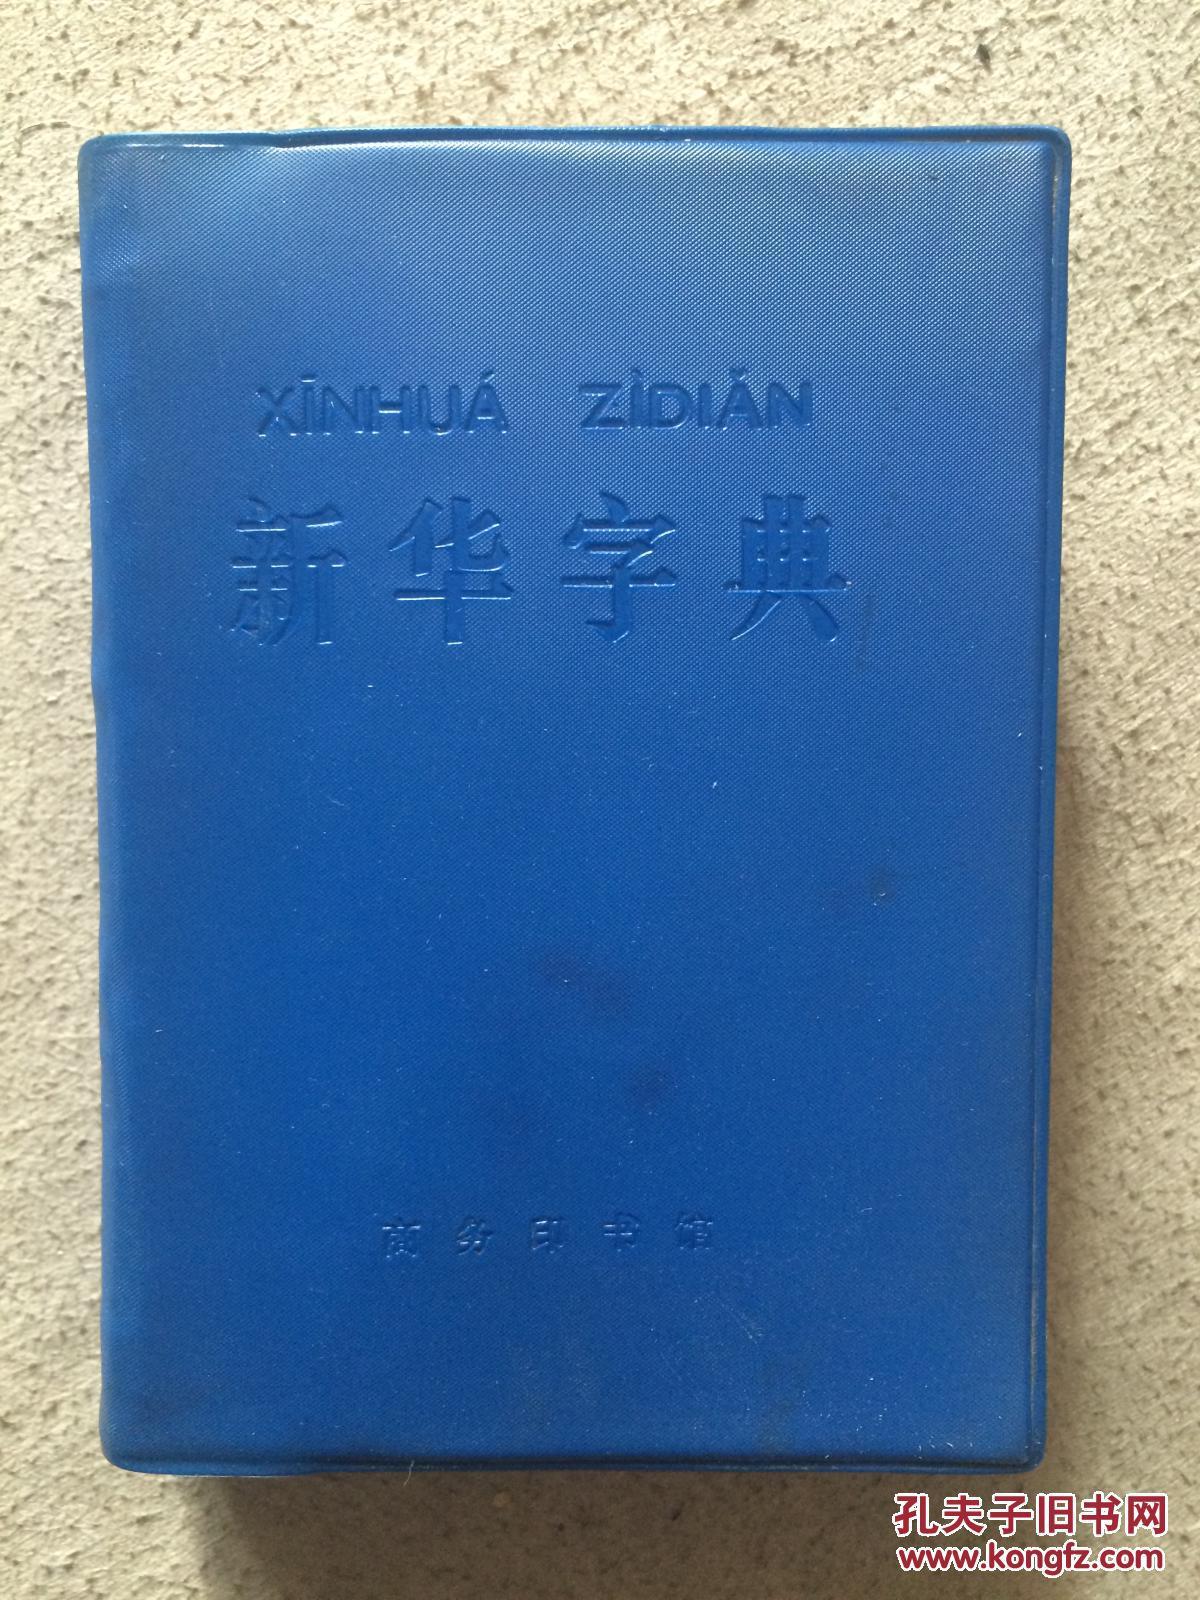 新华字典(1971年修订重排本)汉语拼音字母音序